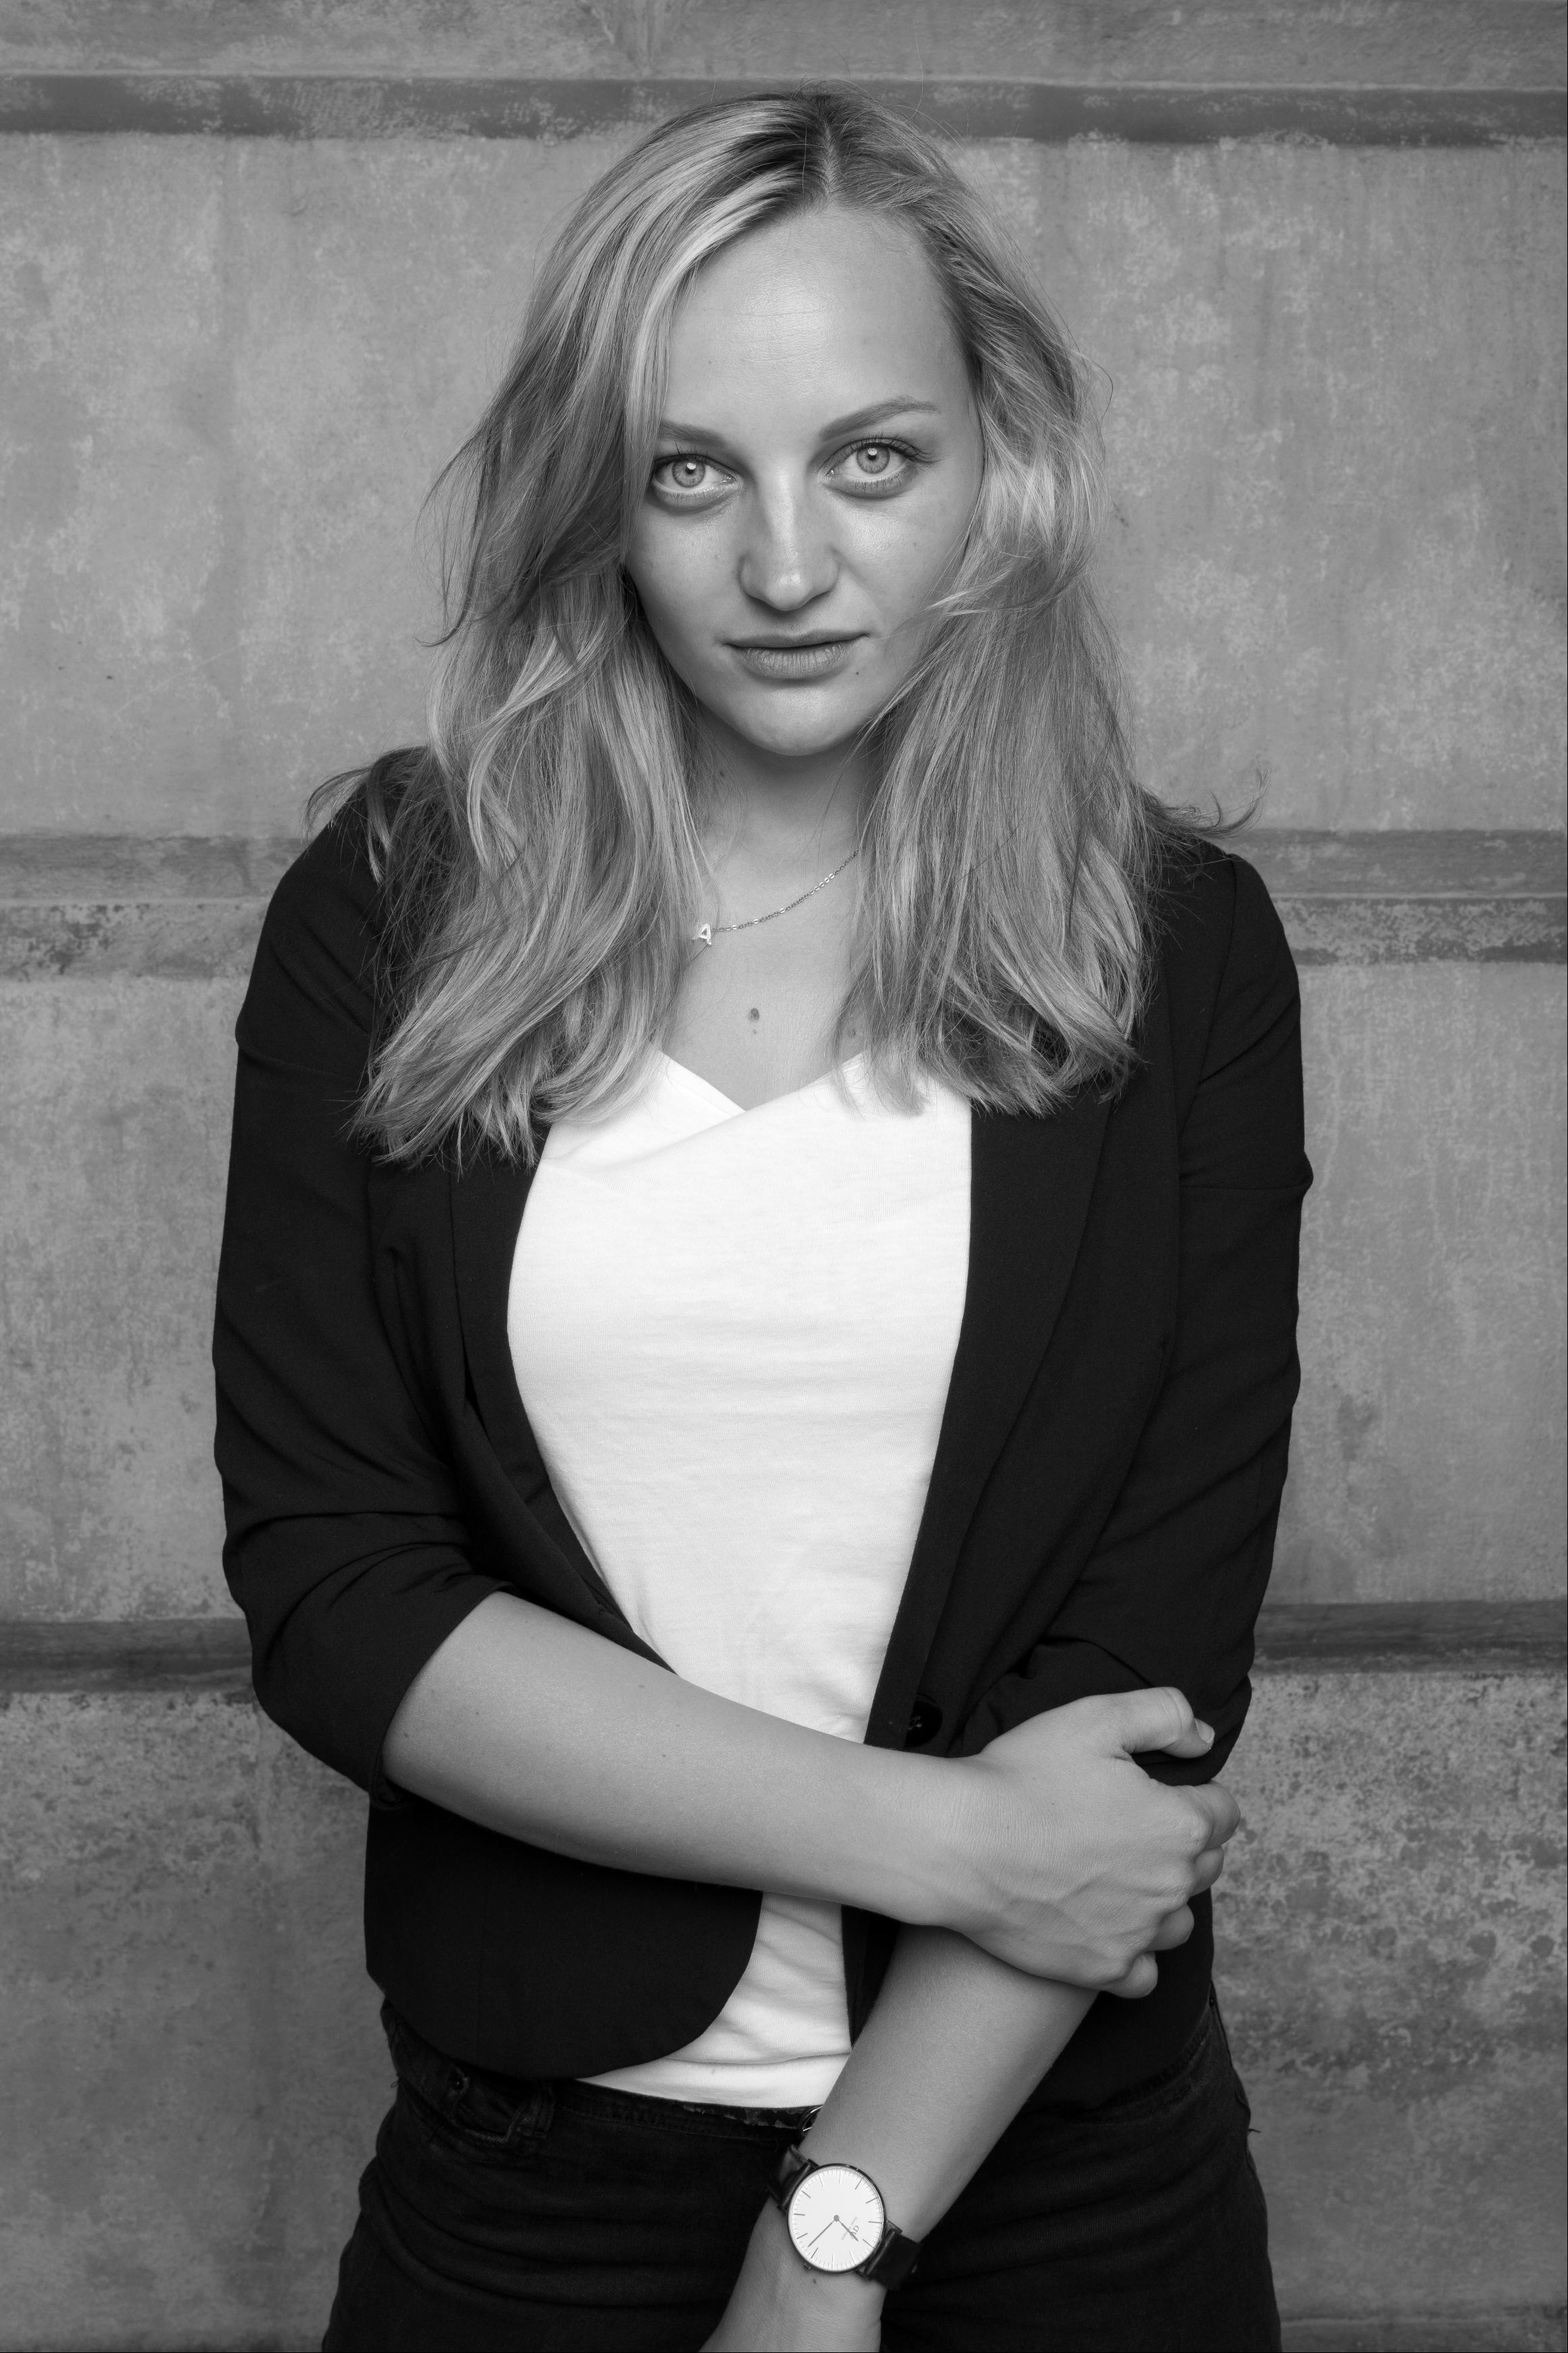 Anna Zöch in Modelpose schwarz-weiß